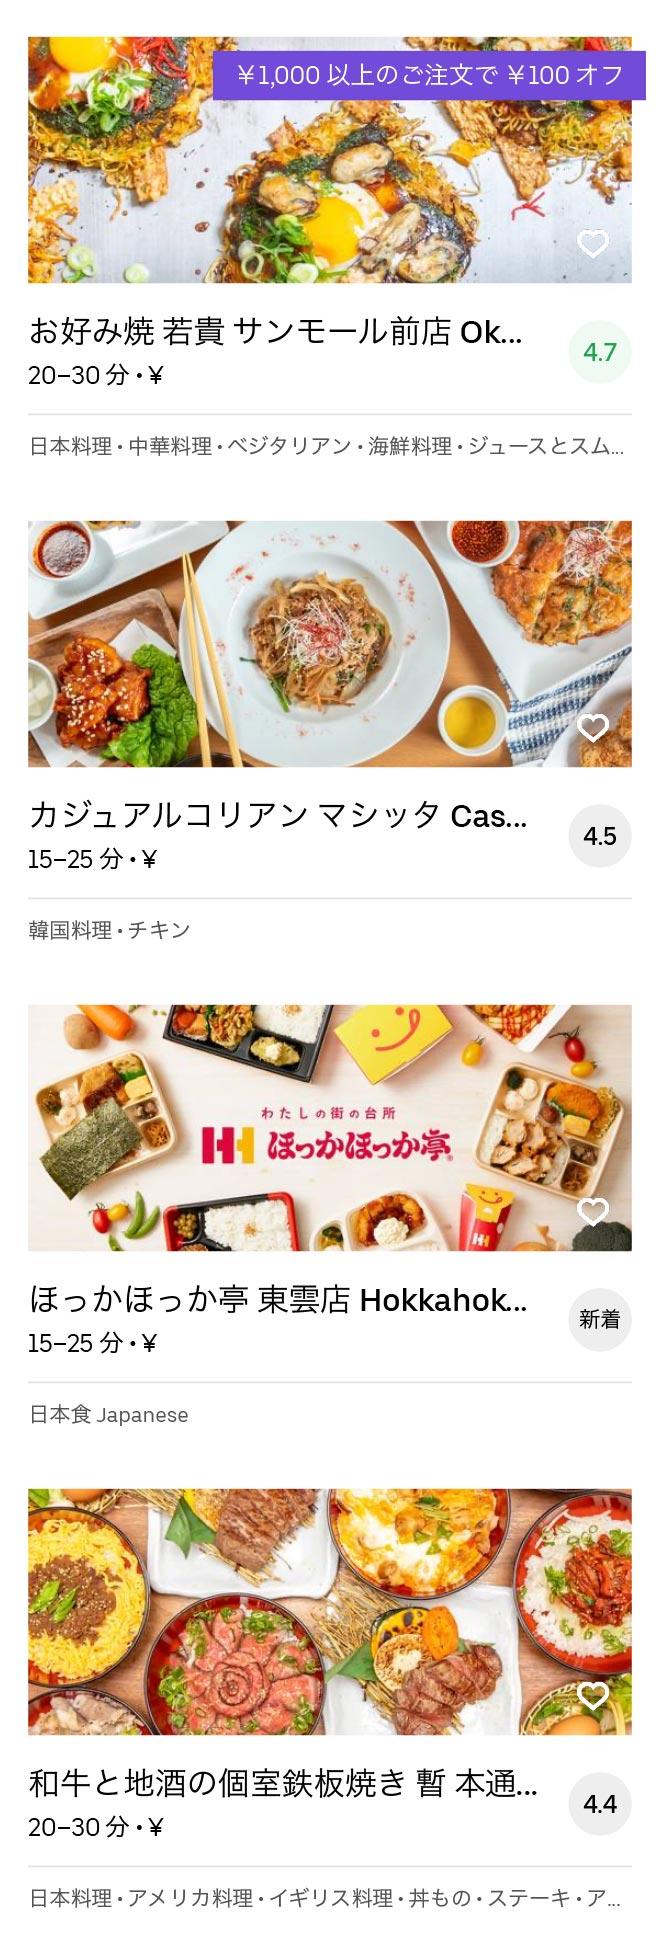 Hiroshima menu 2005 06